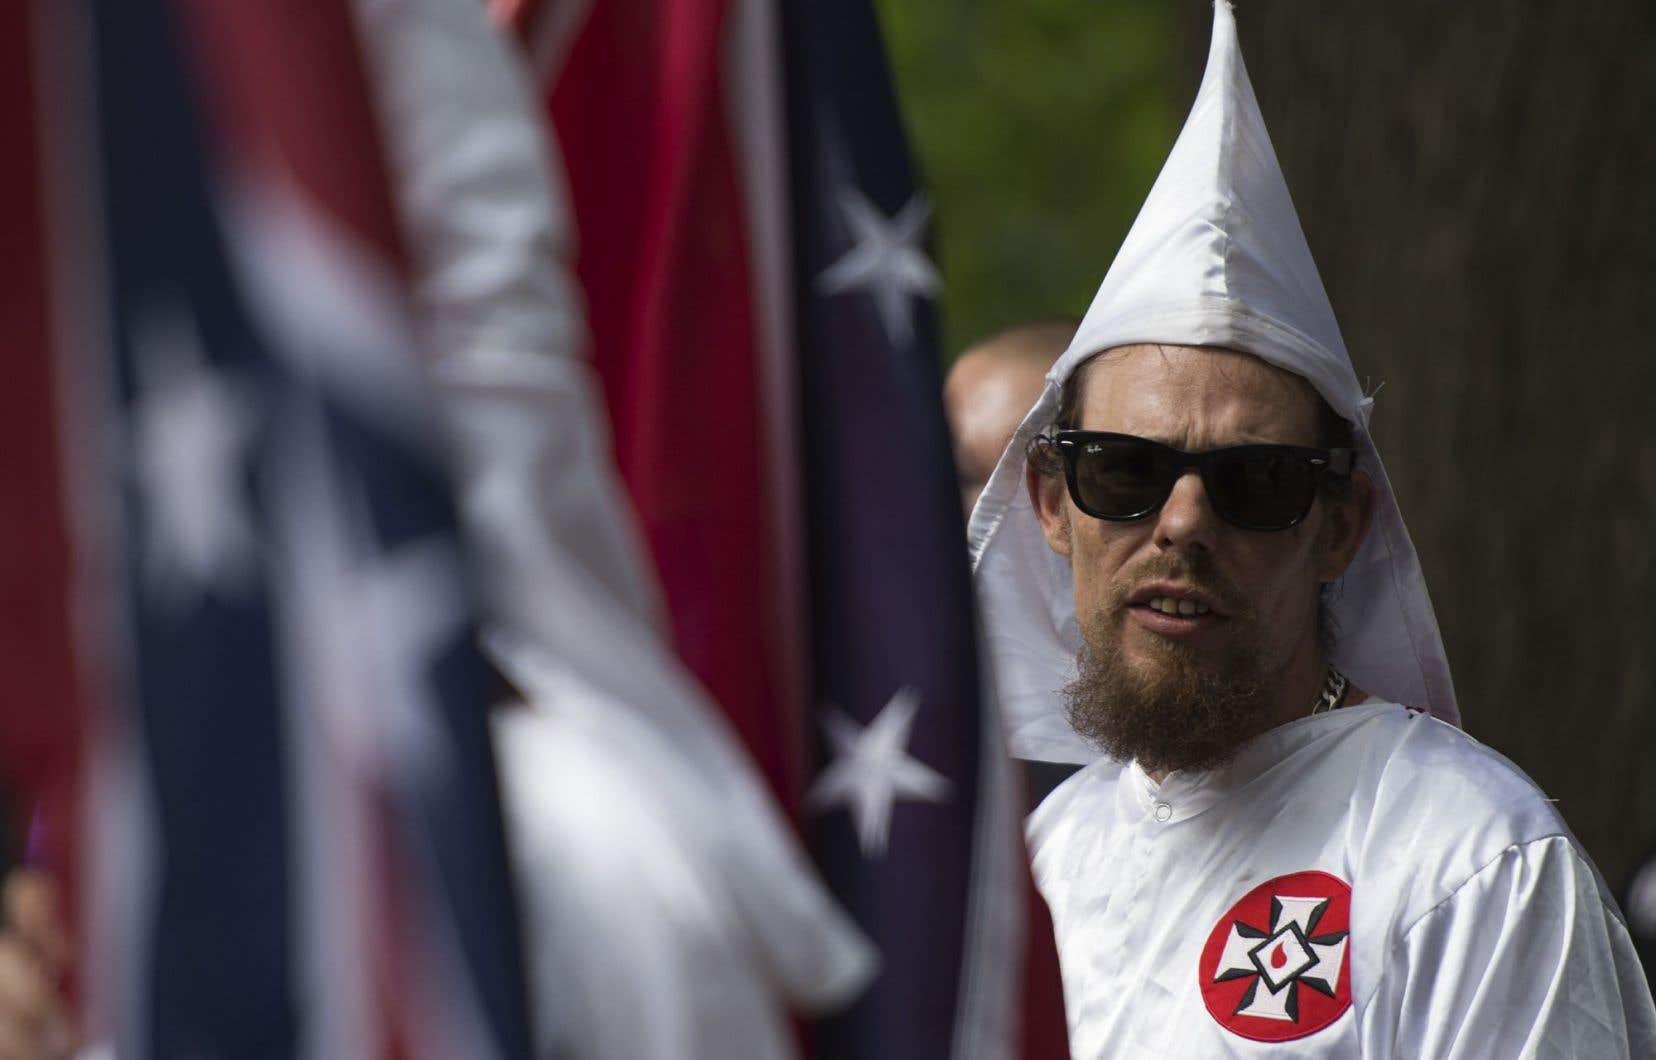 Un membre du Ku Klux Klan lors d'un rassemblement appelant à la protection des monuments confédérés du sud, à Charlottesville, en Virginie.